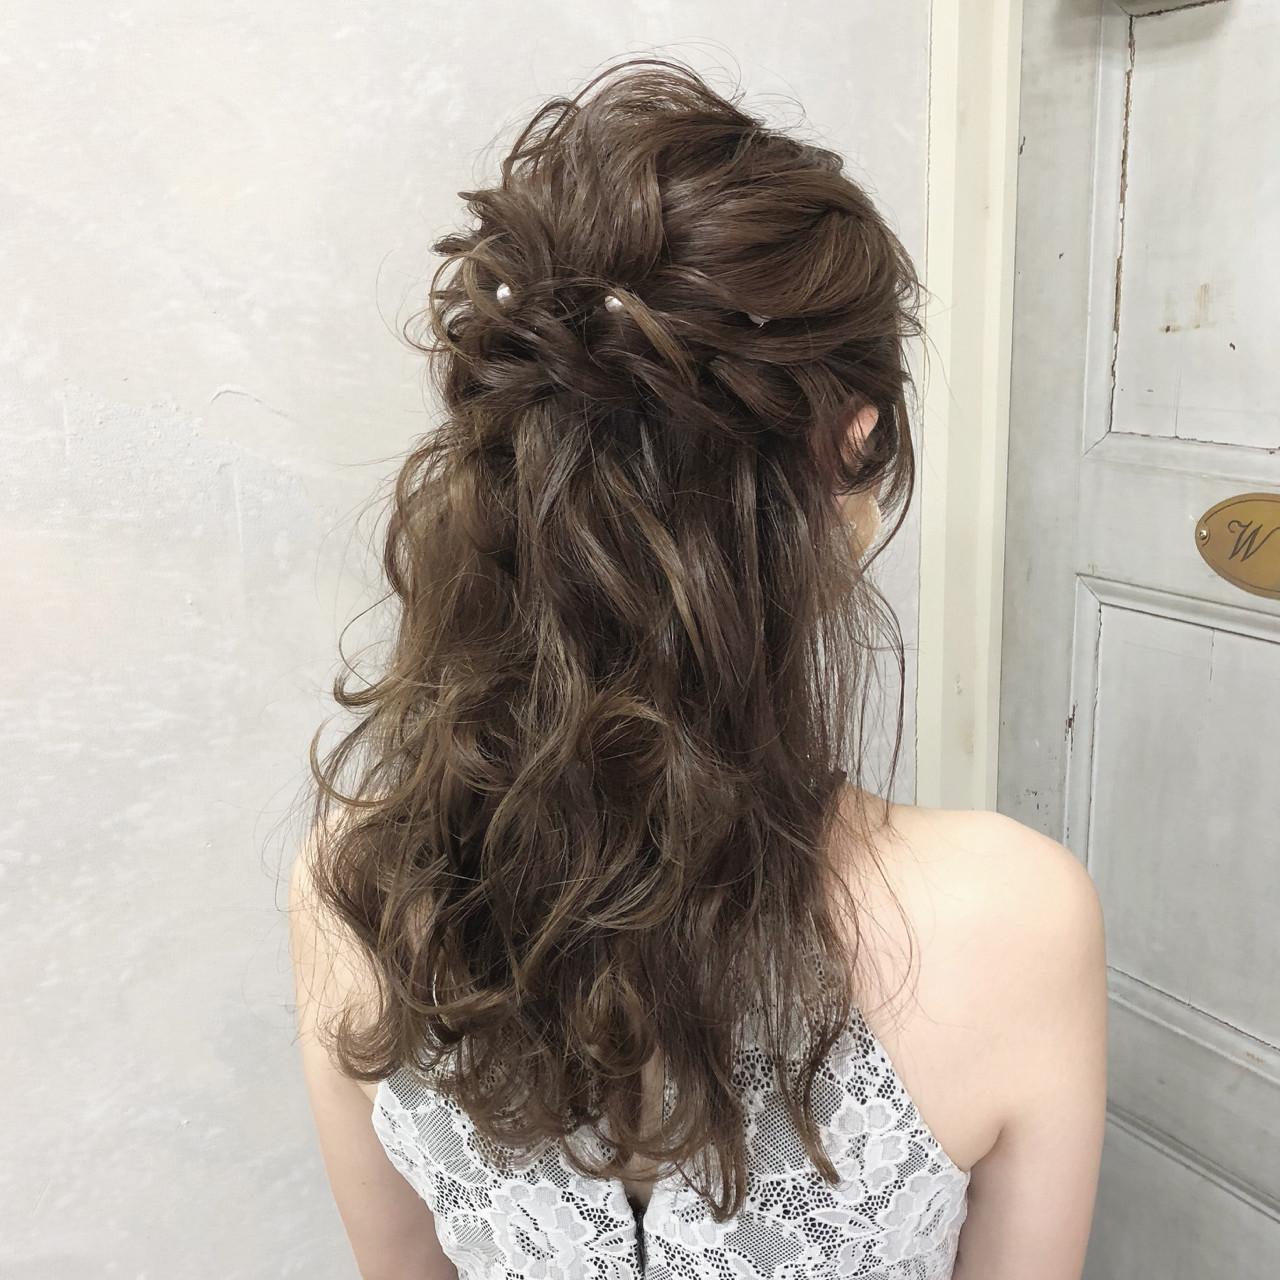 パーティ 結婚式 ヘアアレンジ セミロング ヘアスタイルや髪型の写真・画像